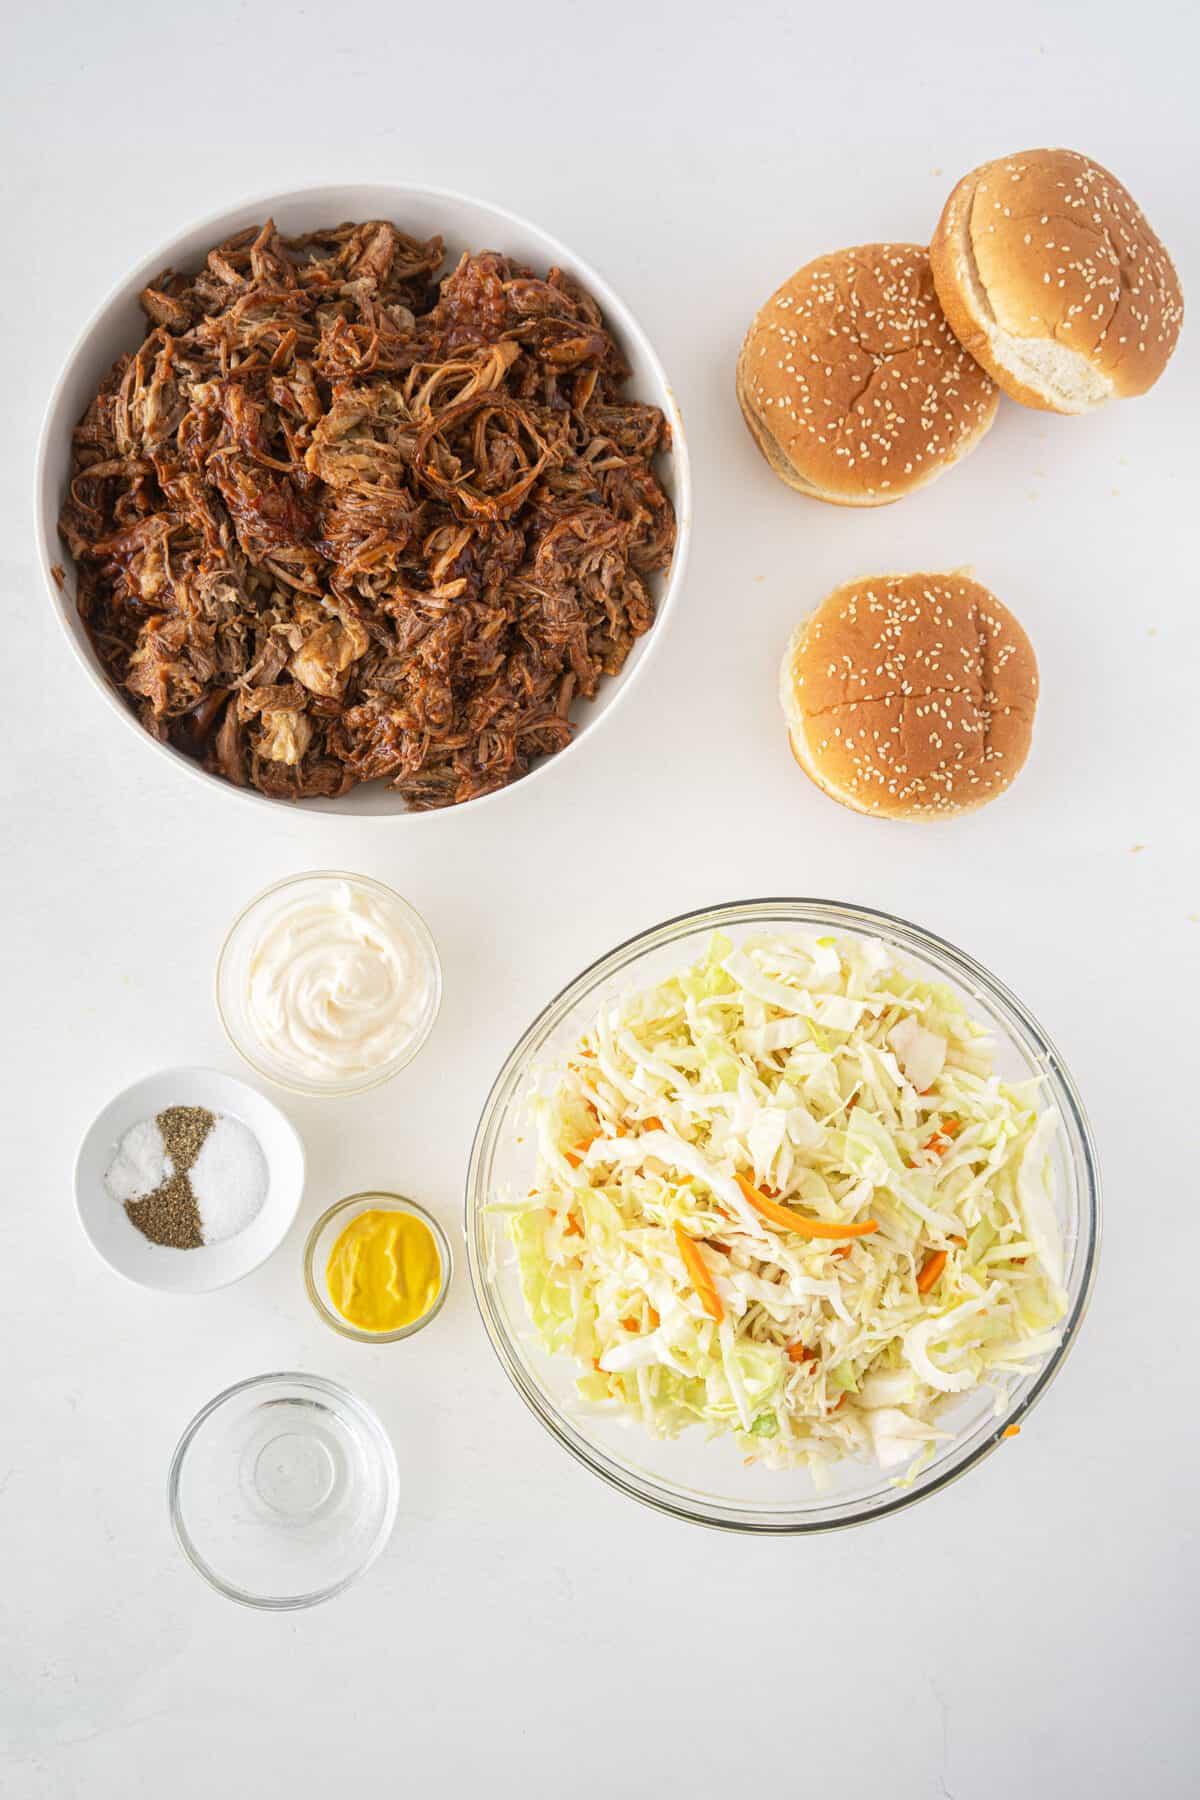 pulled pork sandwiches ingredients